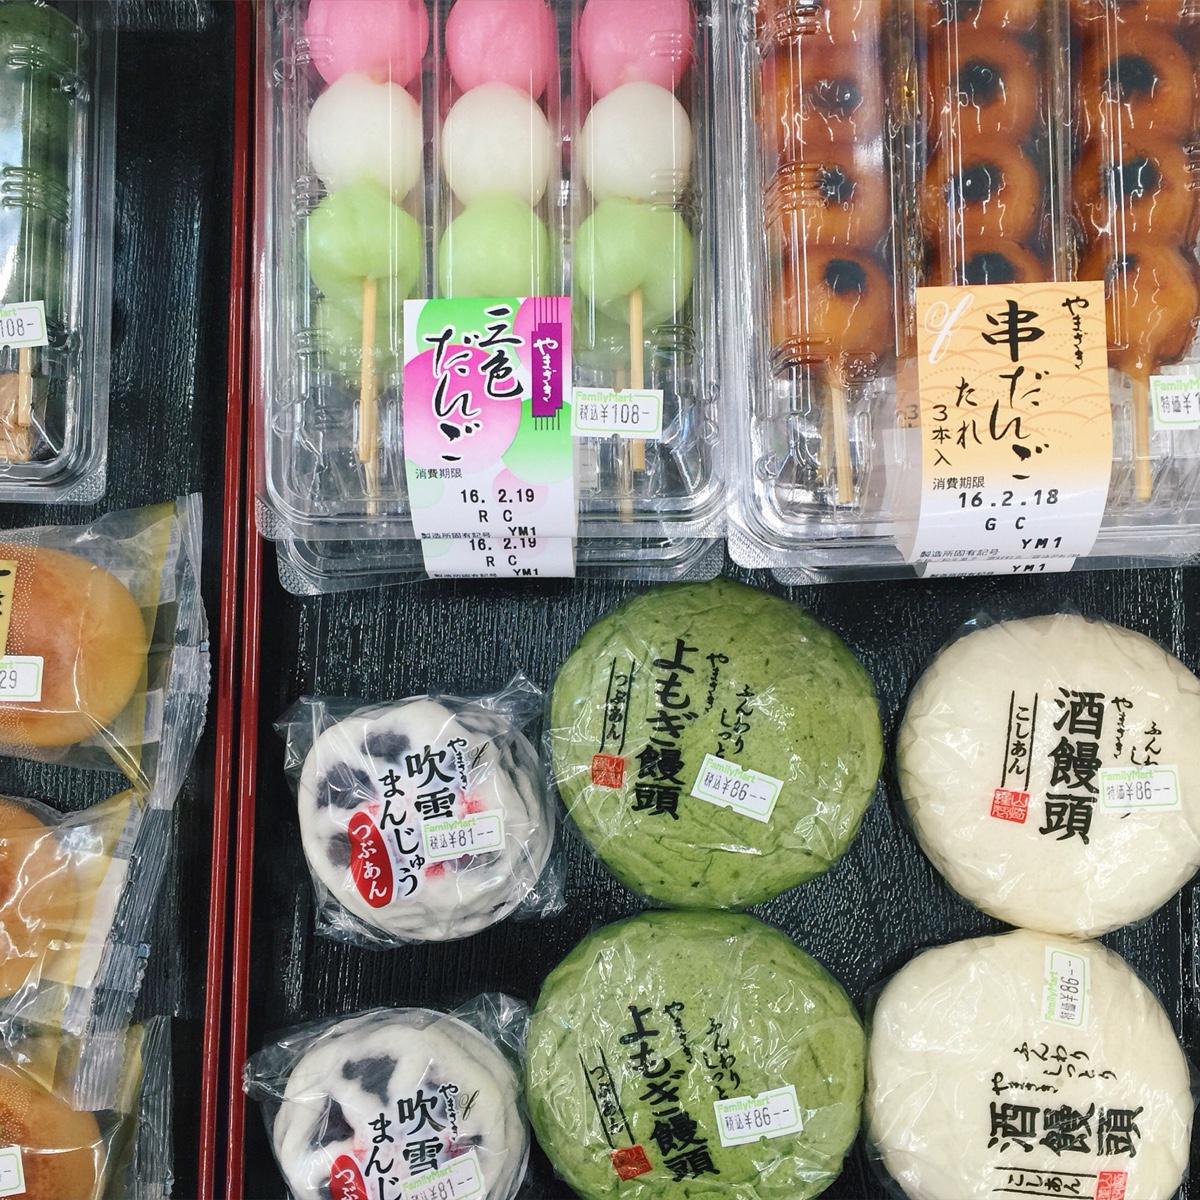 yummy-kawaii-dango.jpg